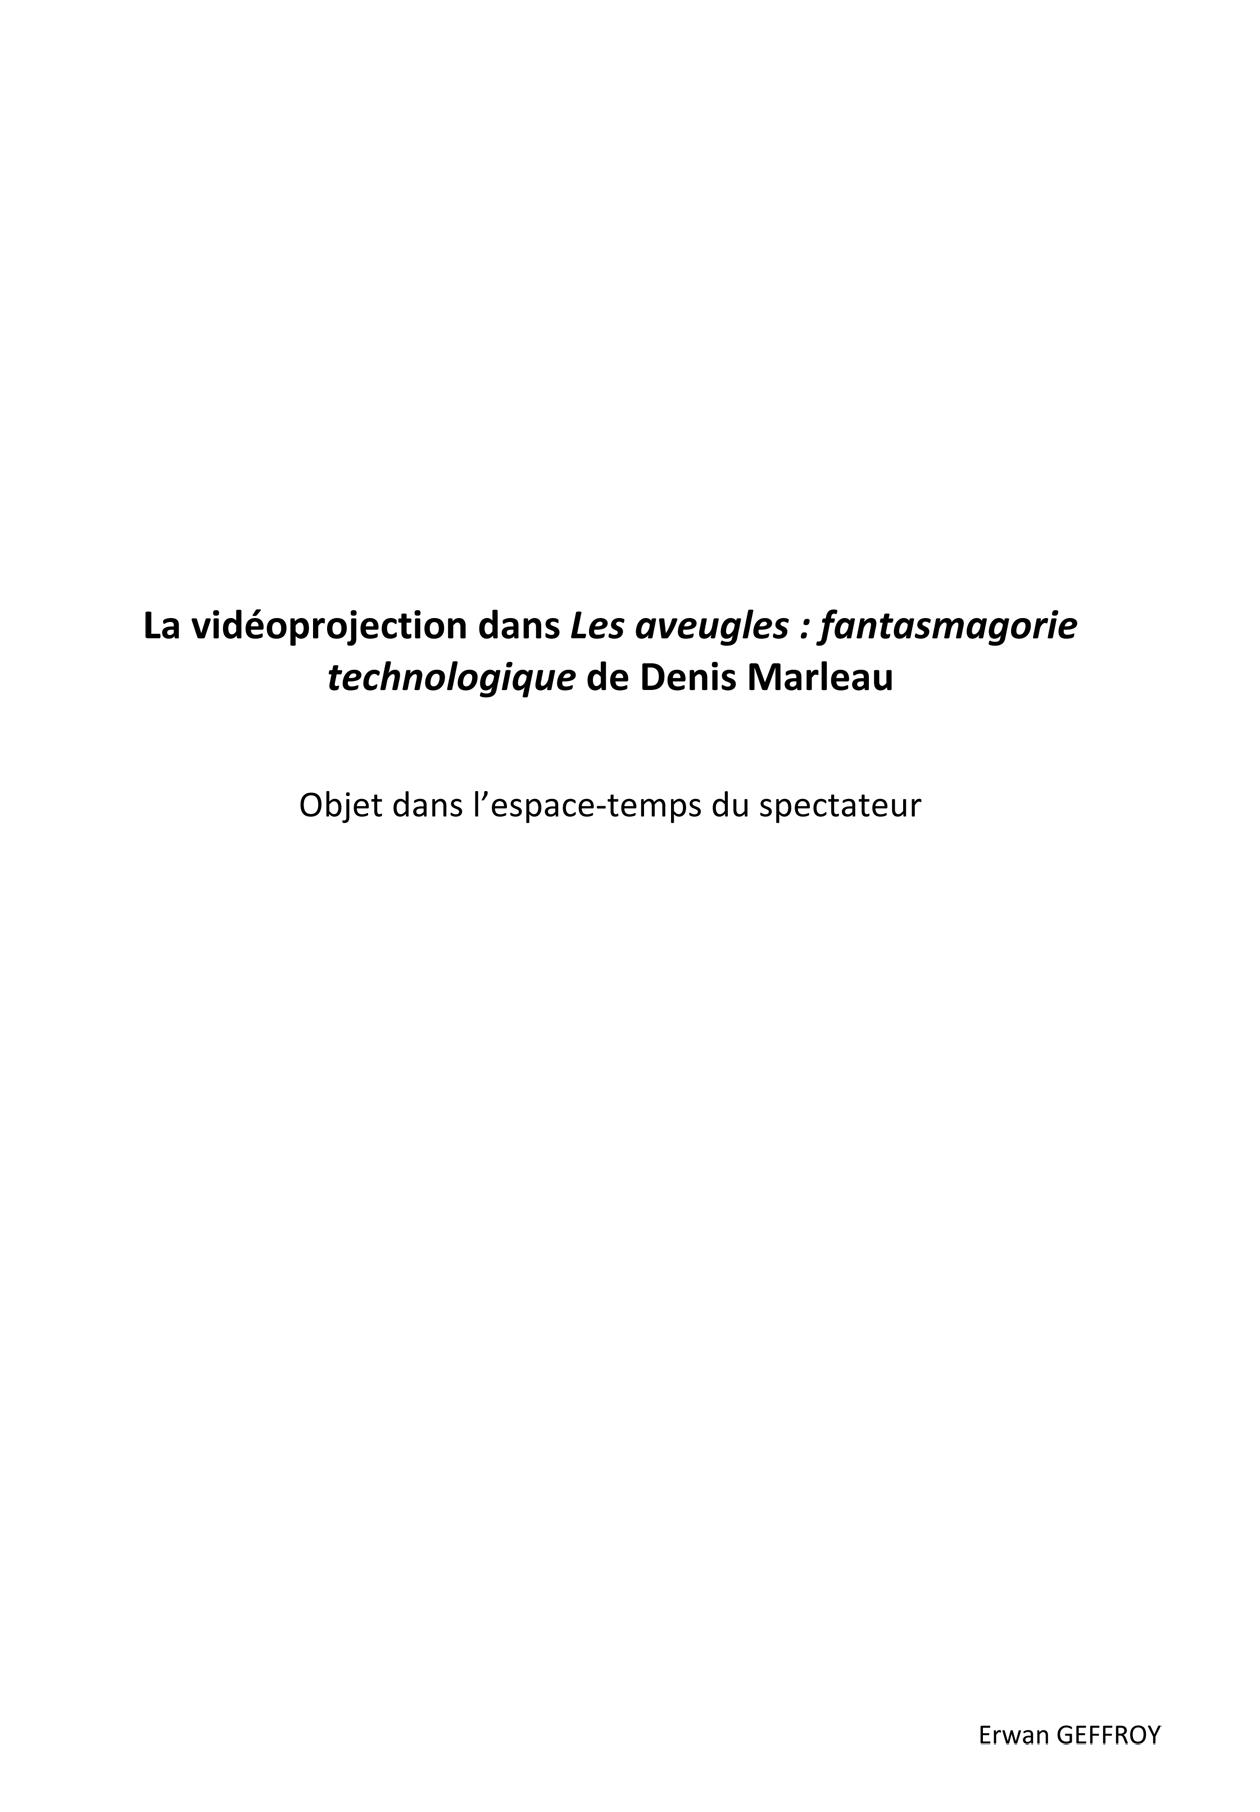 La vidéoprojection dans Les Aveugles, fantasmagorie technologique de Denis Marleau